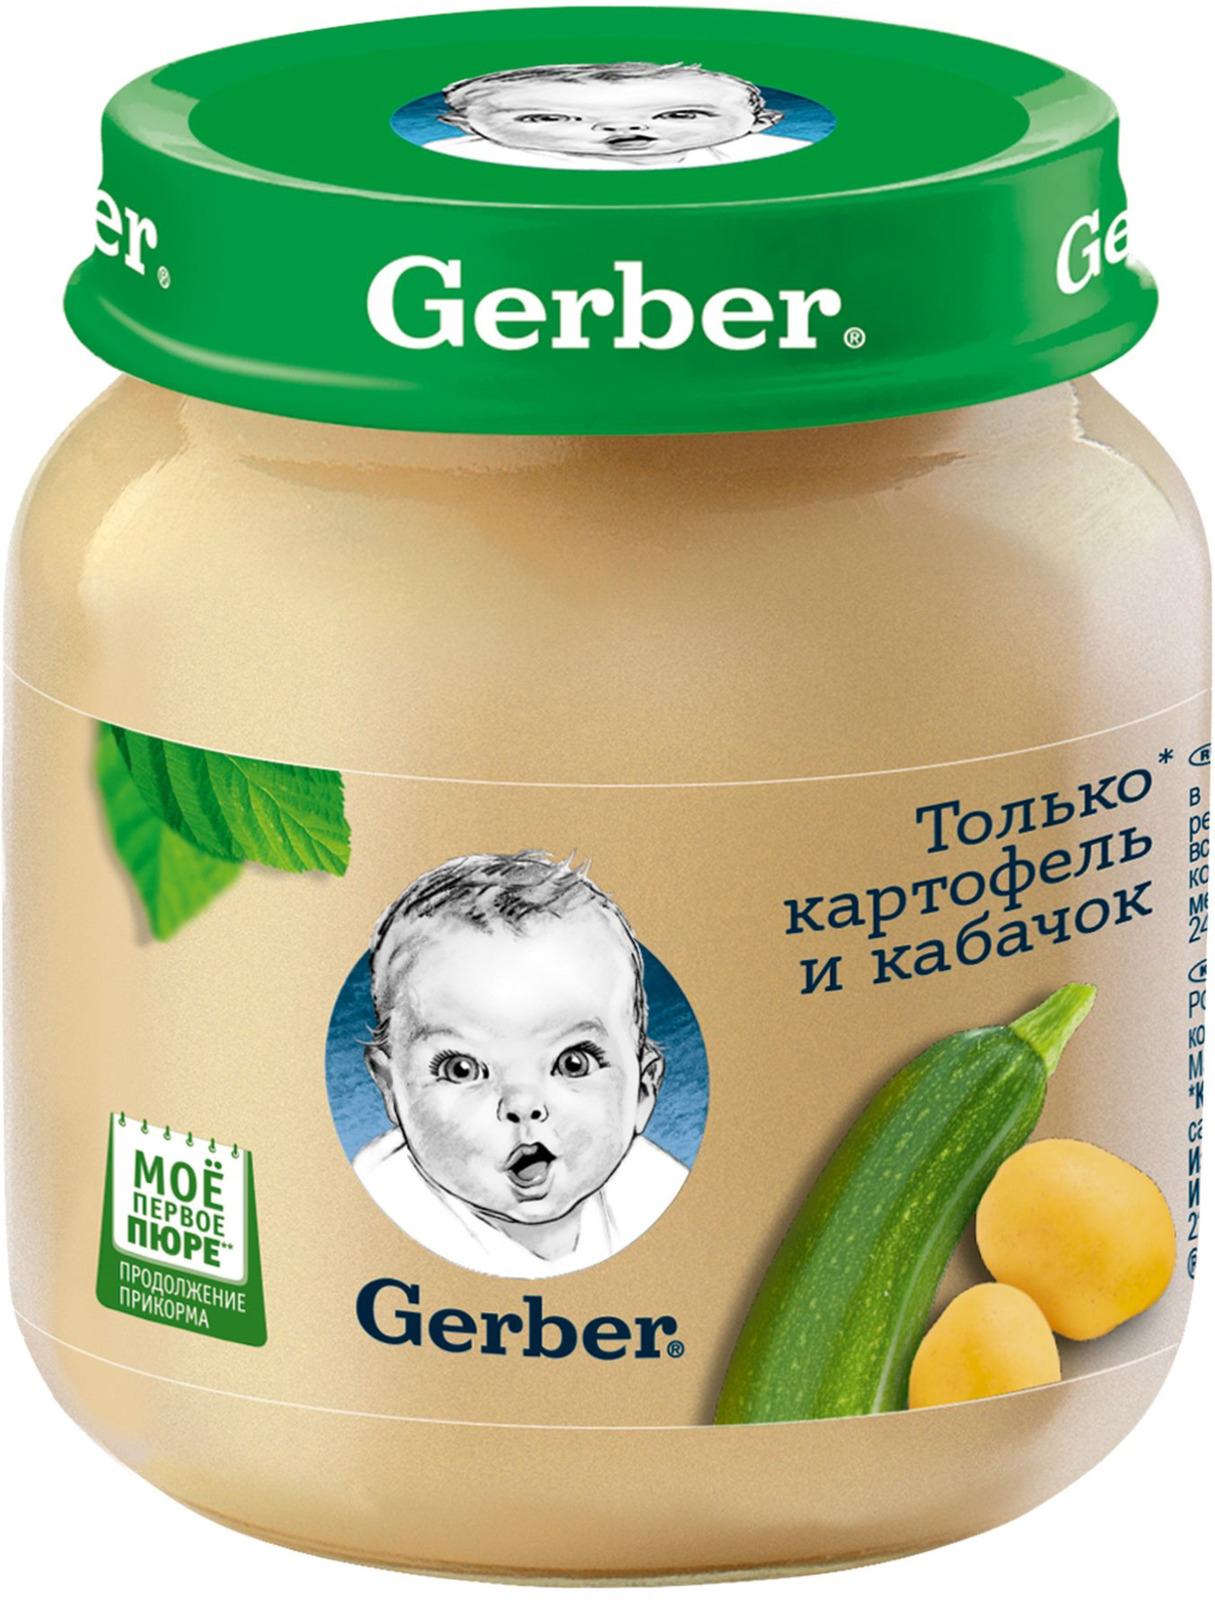 Gerber пюре картофель, кабачок, 130 г gerber пюре картофель кабачок с 5 месяцев 12 шт по 130 г